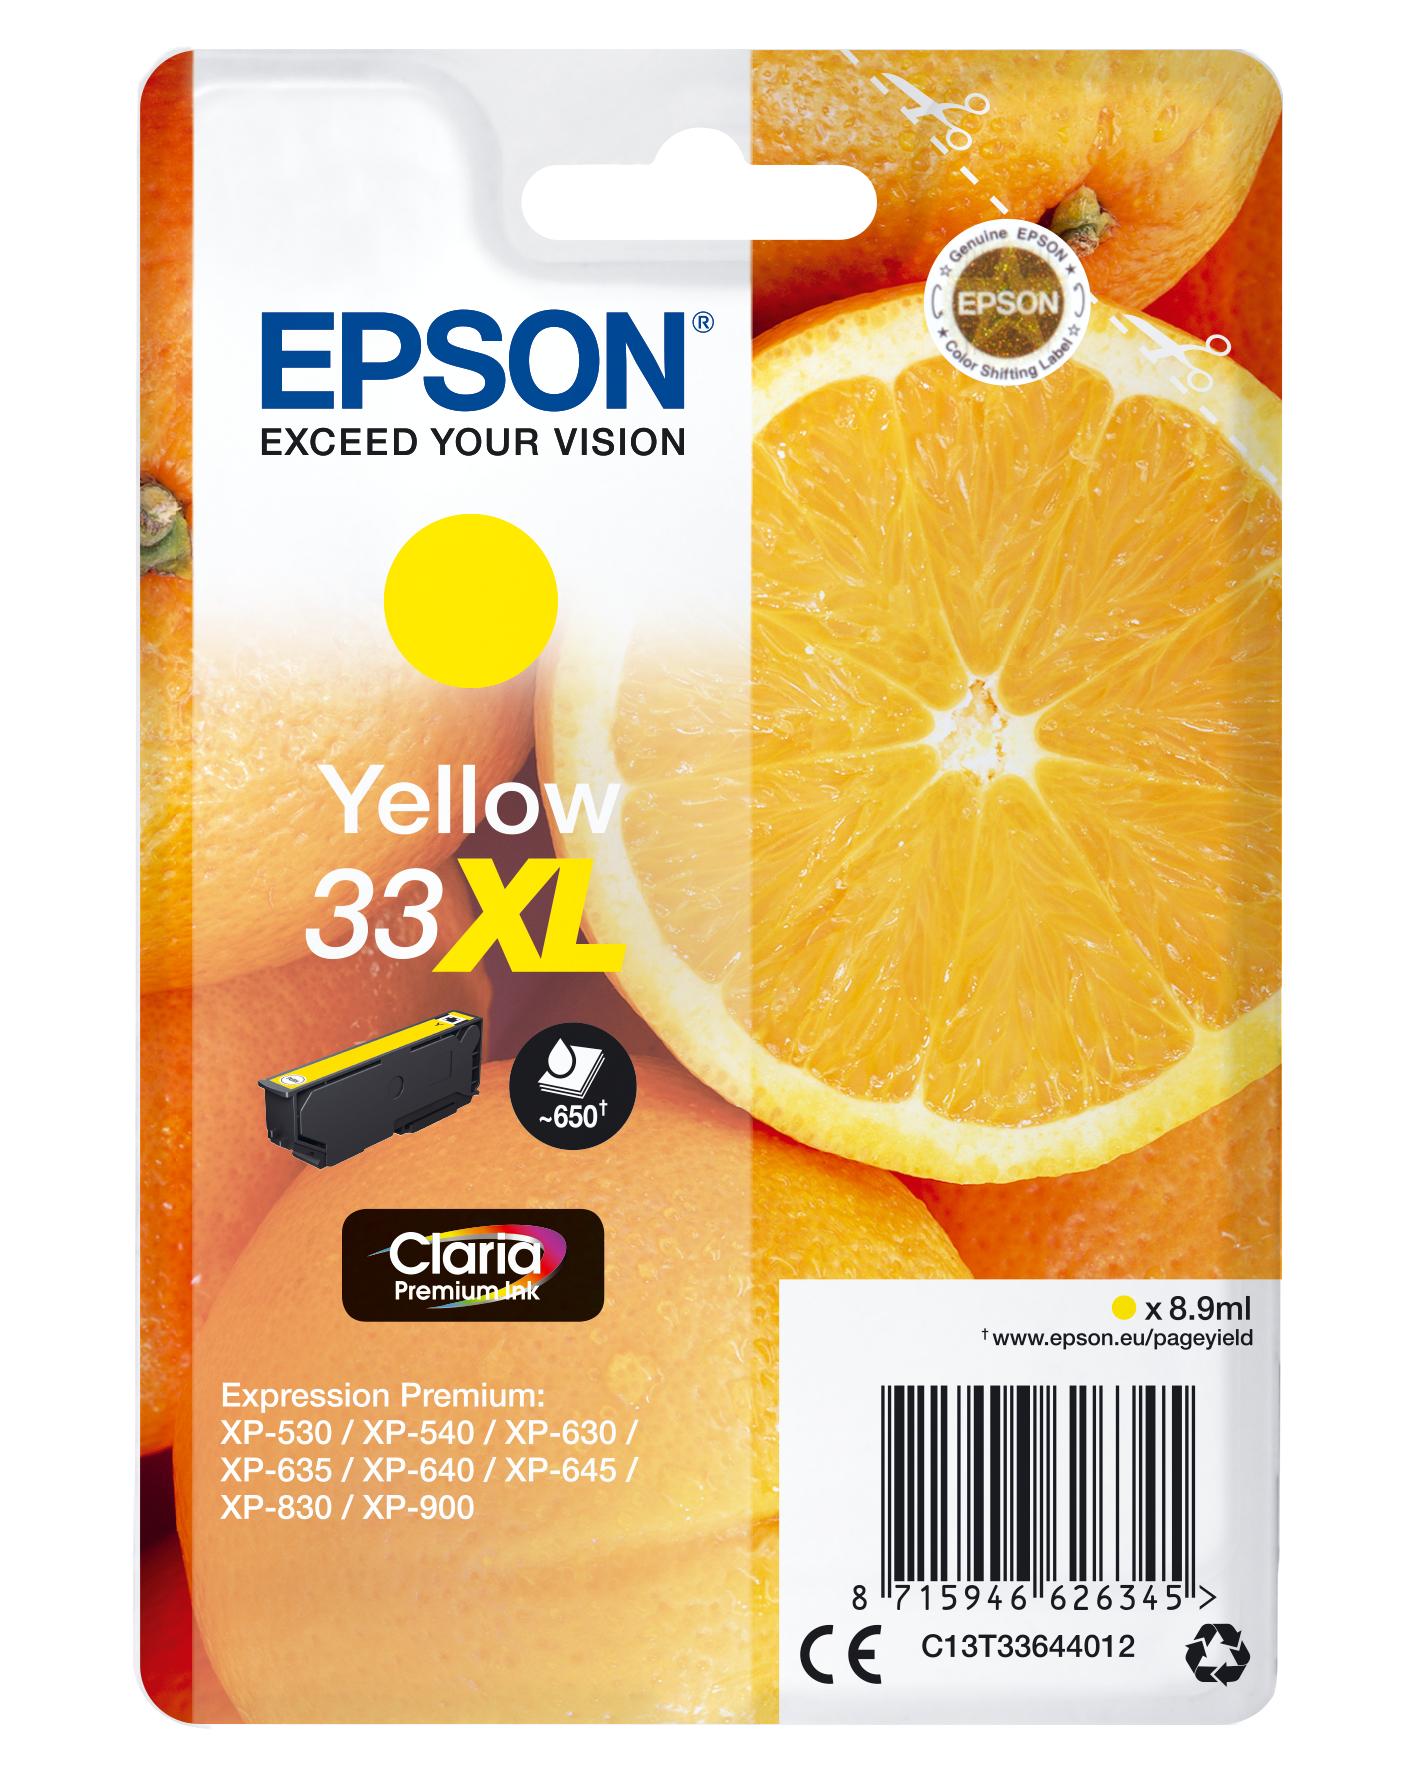 Epson Oranges Singlepack Yellow 33XL Claria Premium Ink